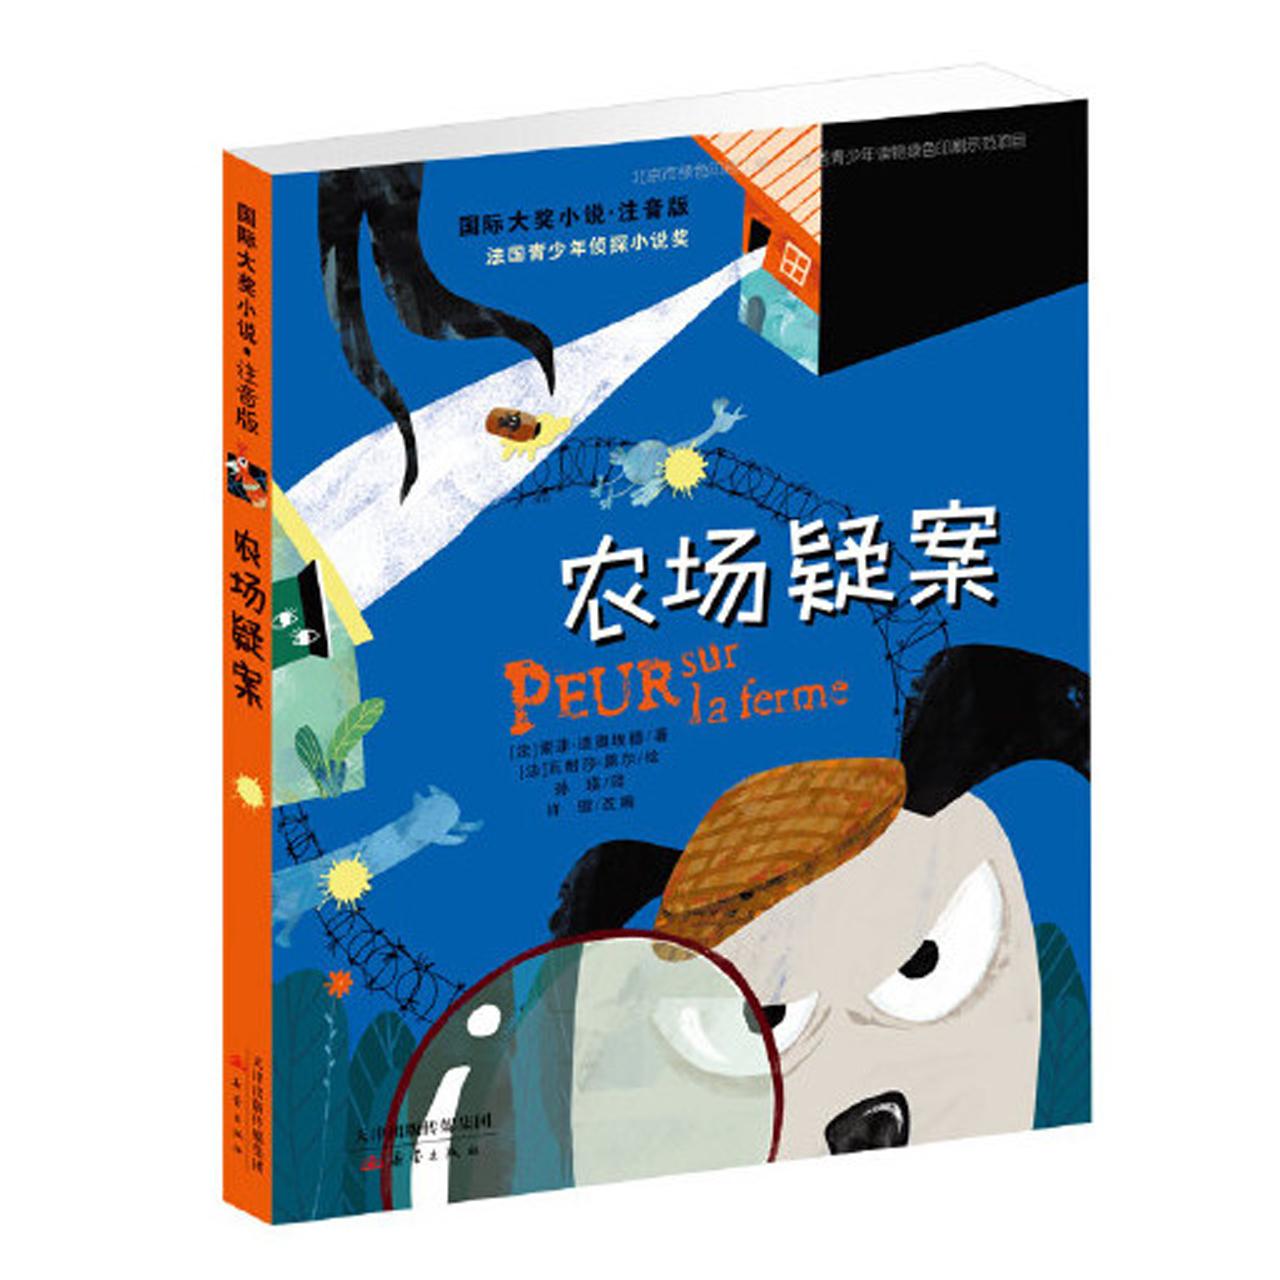 农场疑案 【儿童小说/青少年读物/文学小说】